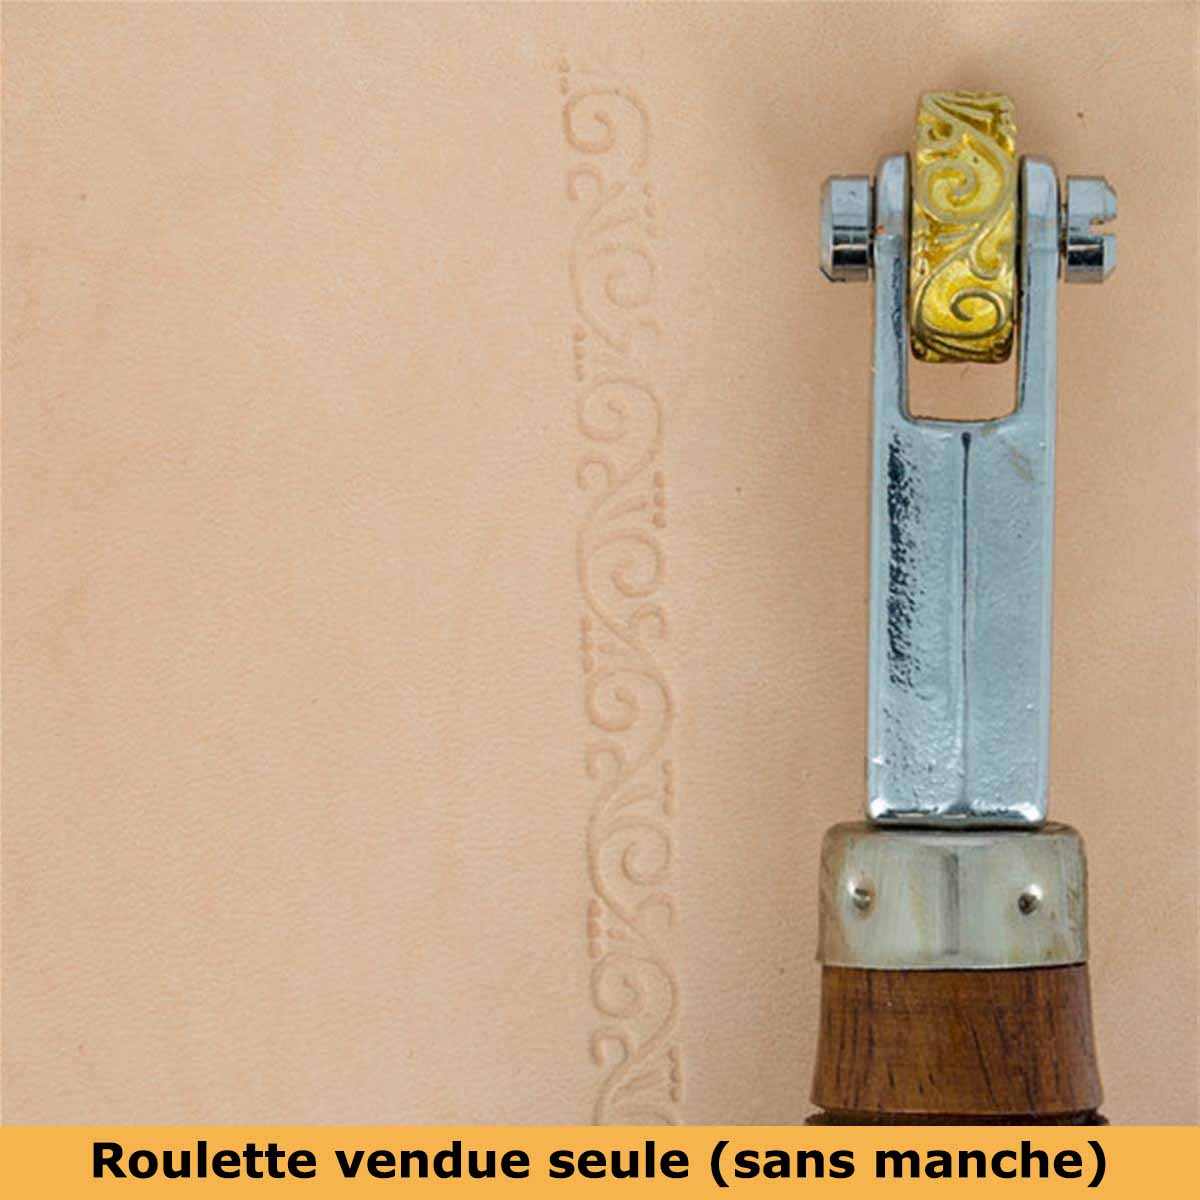 Roulette d'embossage 8091-03 montée sur manche